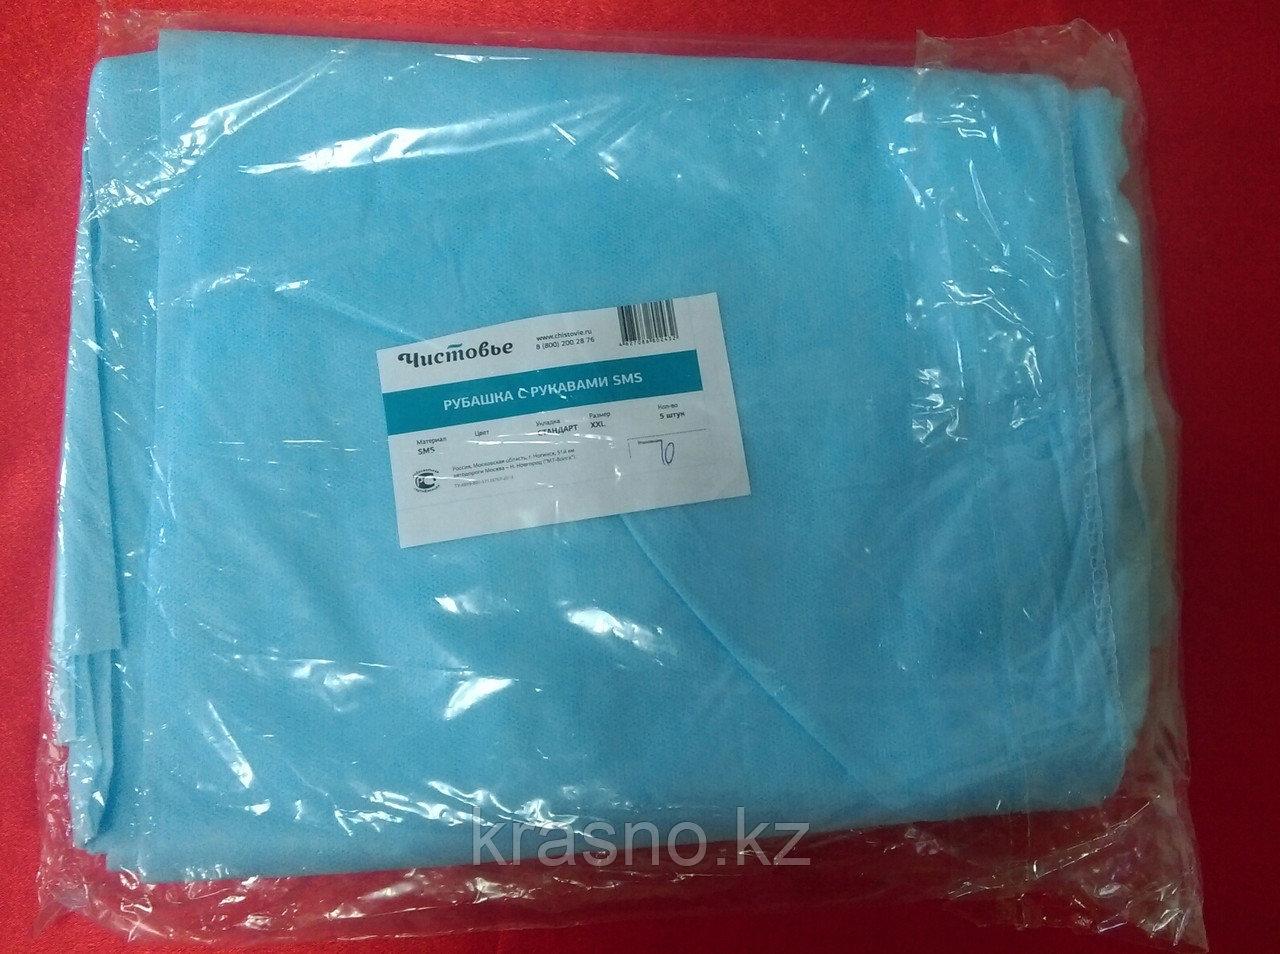 Рубашка 5шт с рукавами для прессотерапии XL - фото 2